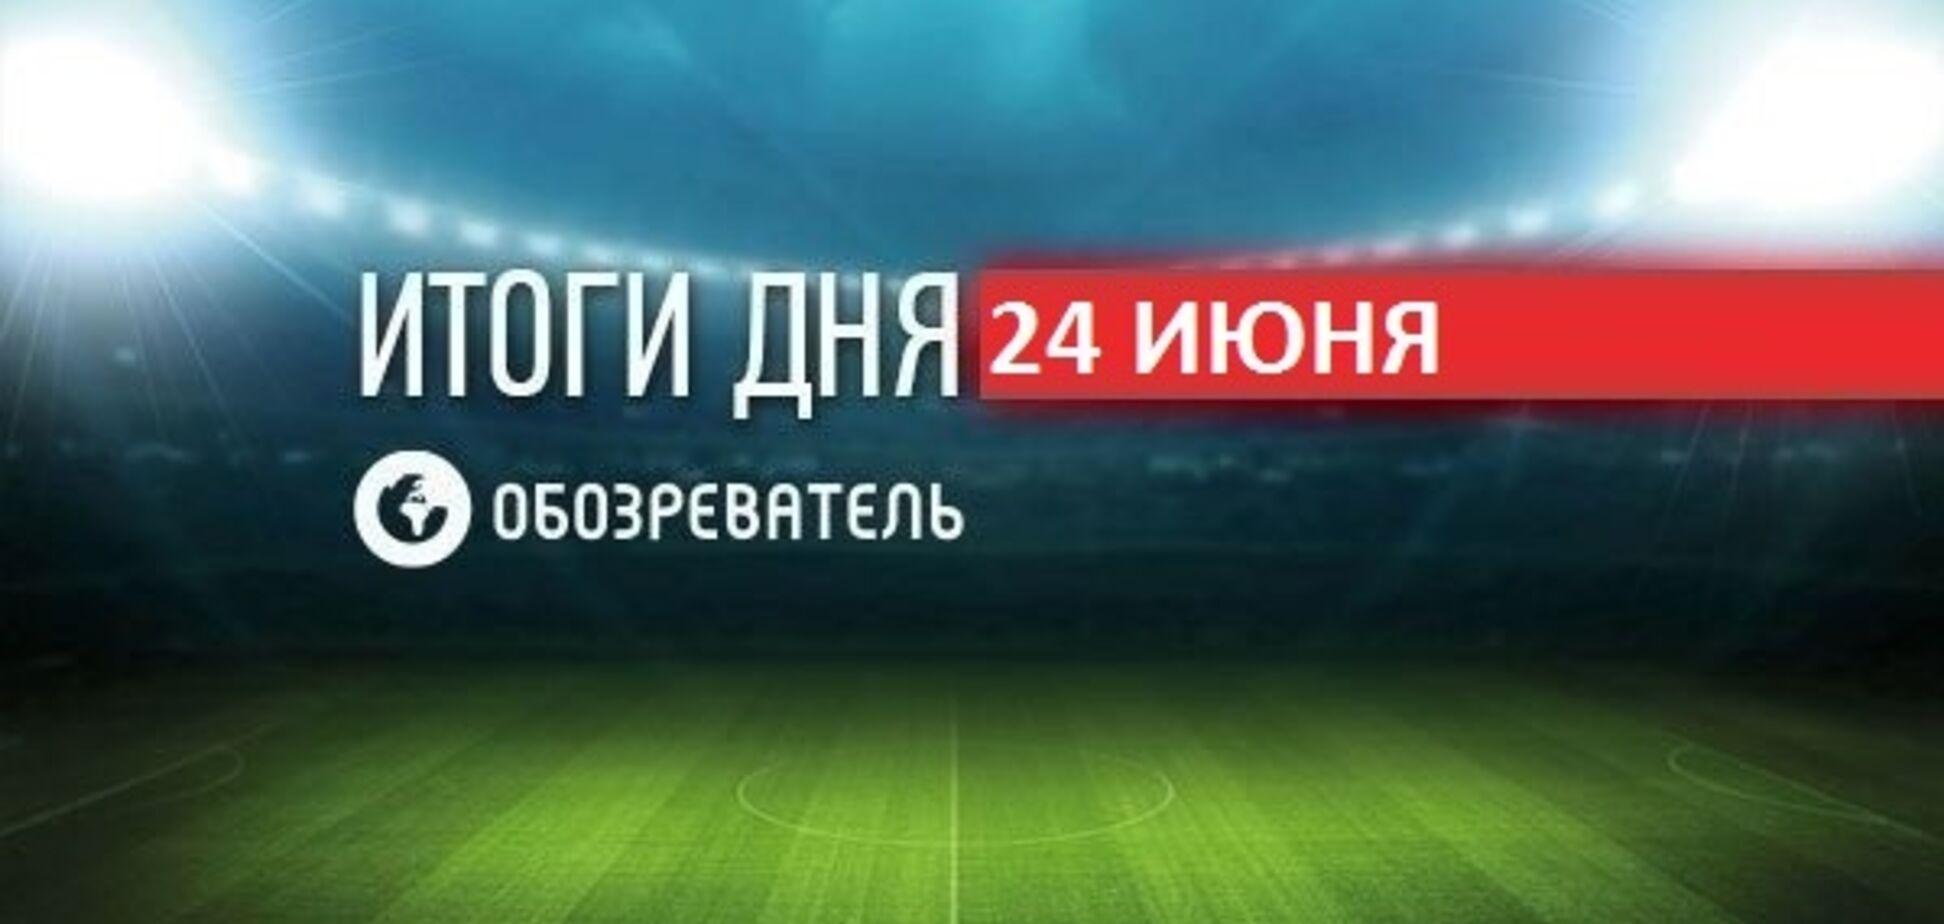 Герой ЧС із футболу U-20 розчарувався в українцях: спортивні підсумки 24 червня